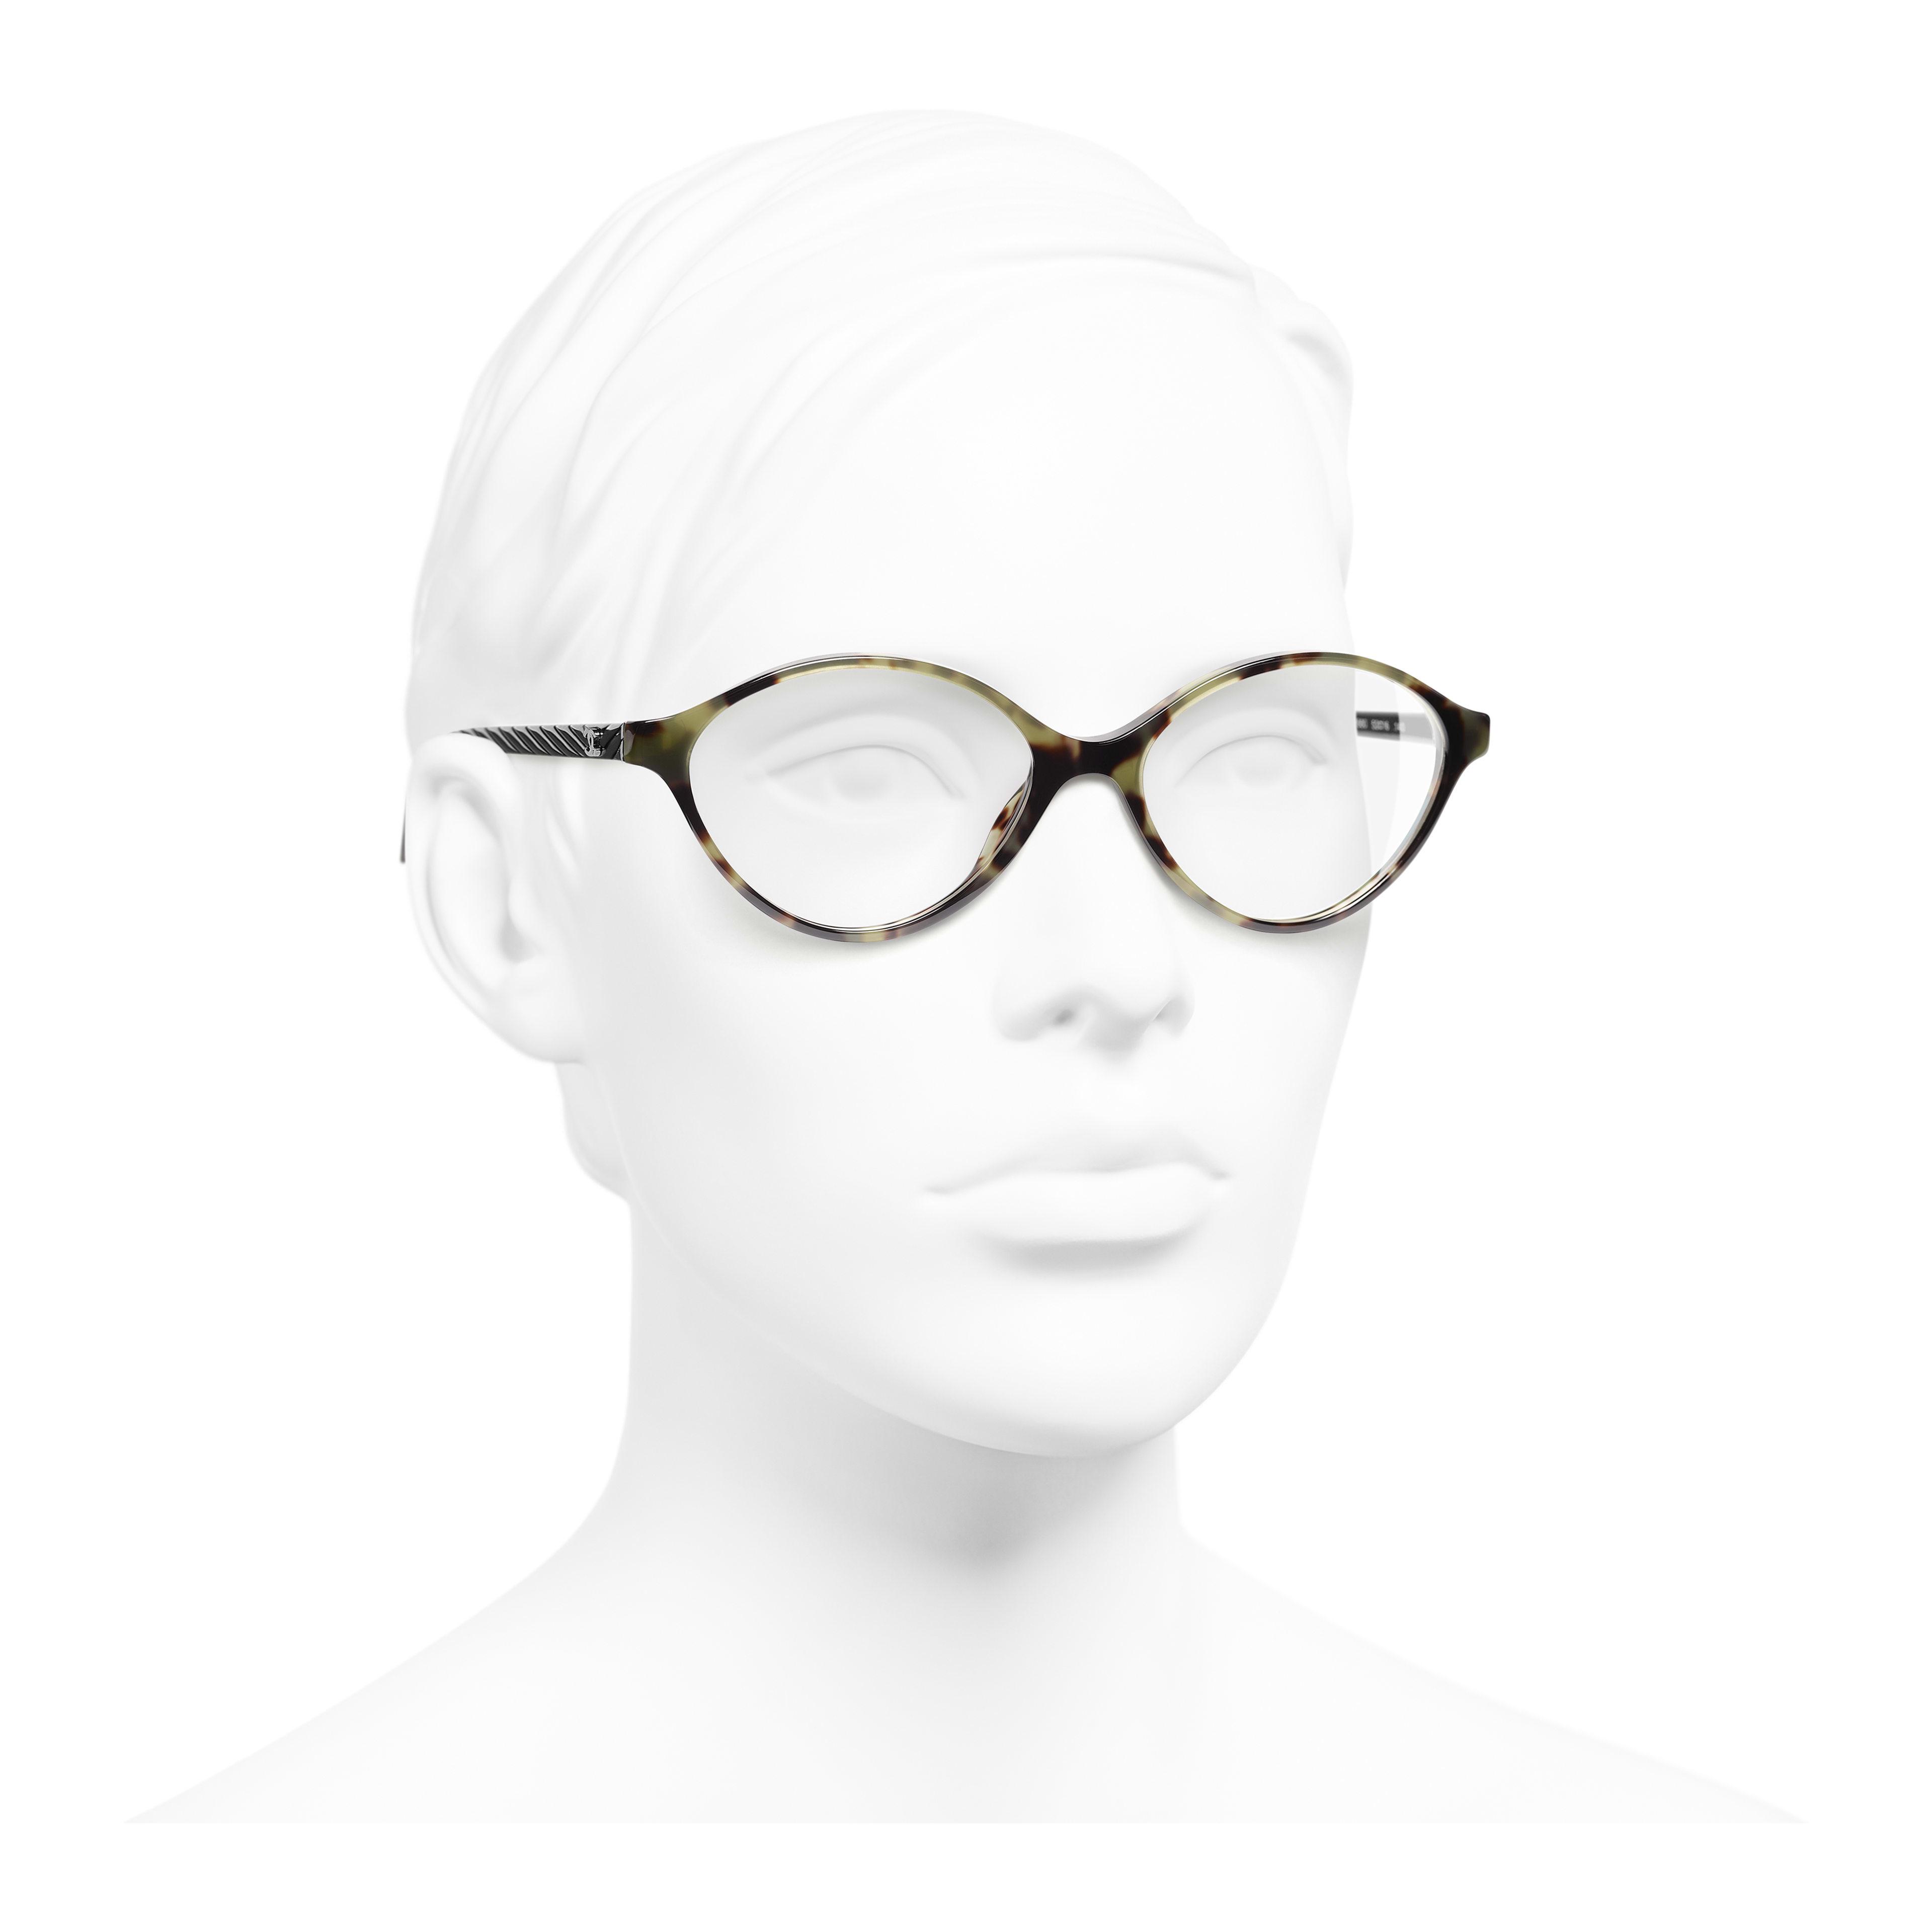 橢圓形眼鏡 - 綠玳瑁 - 高級樹脂 - 配戴時的3/4側面視圖 - 查看全尺寸版本